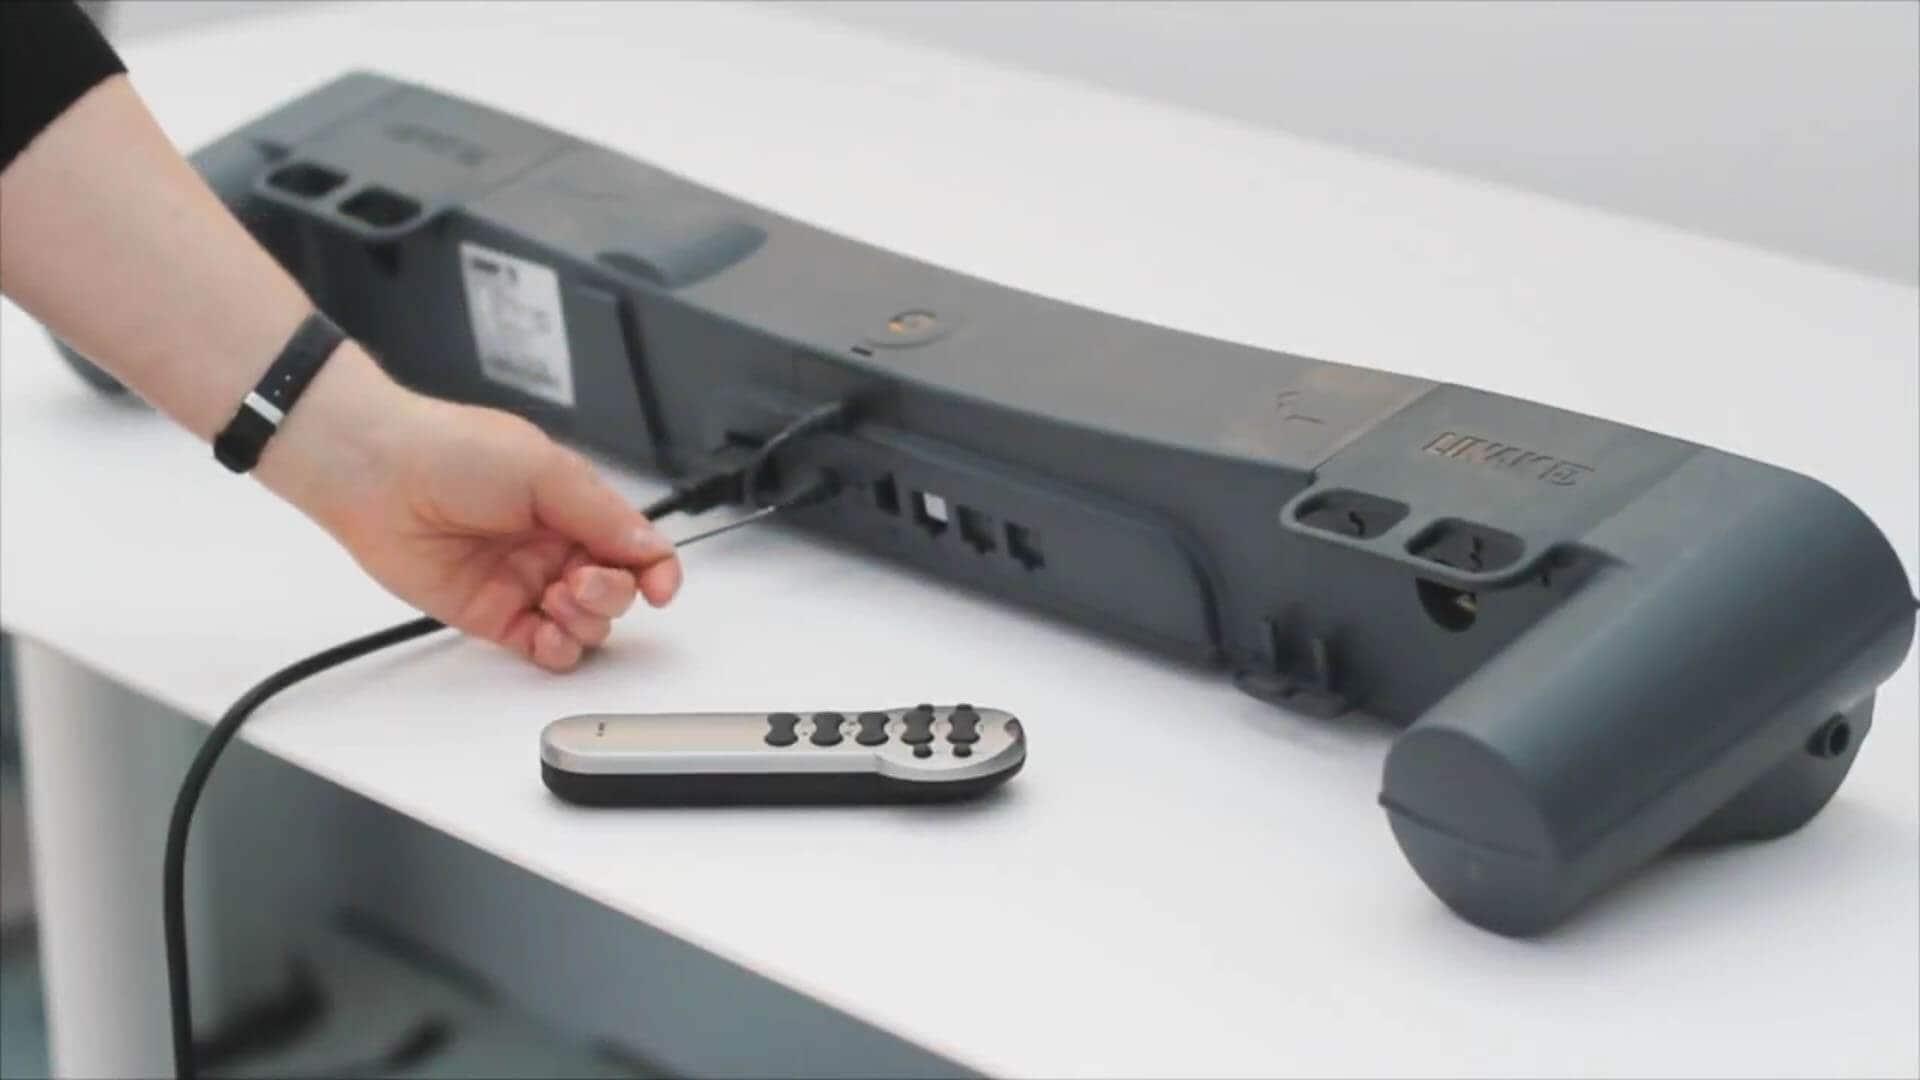 TD3 - Cómo configurar los terminales de radiofrecuencia